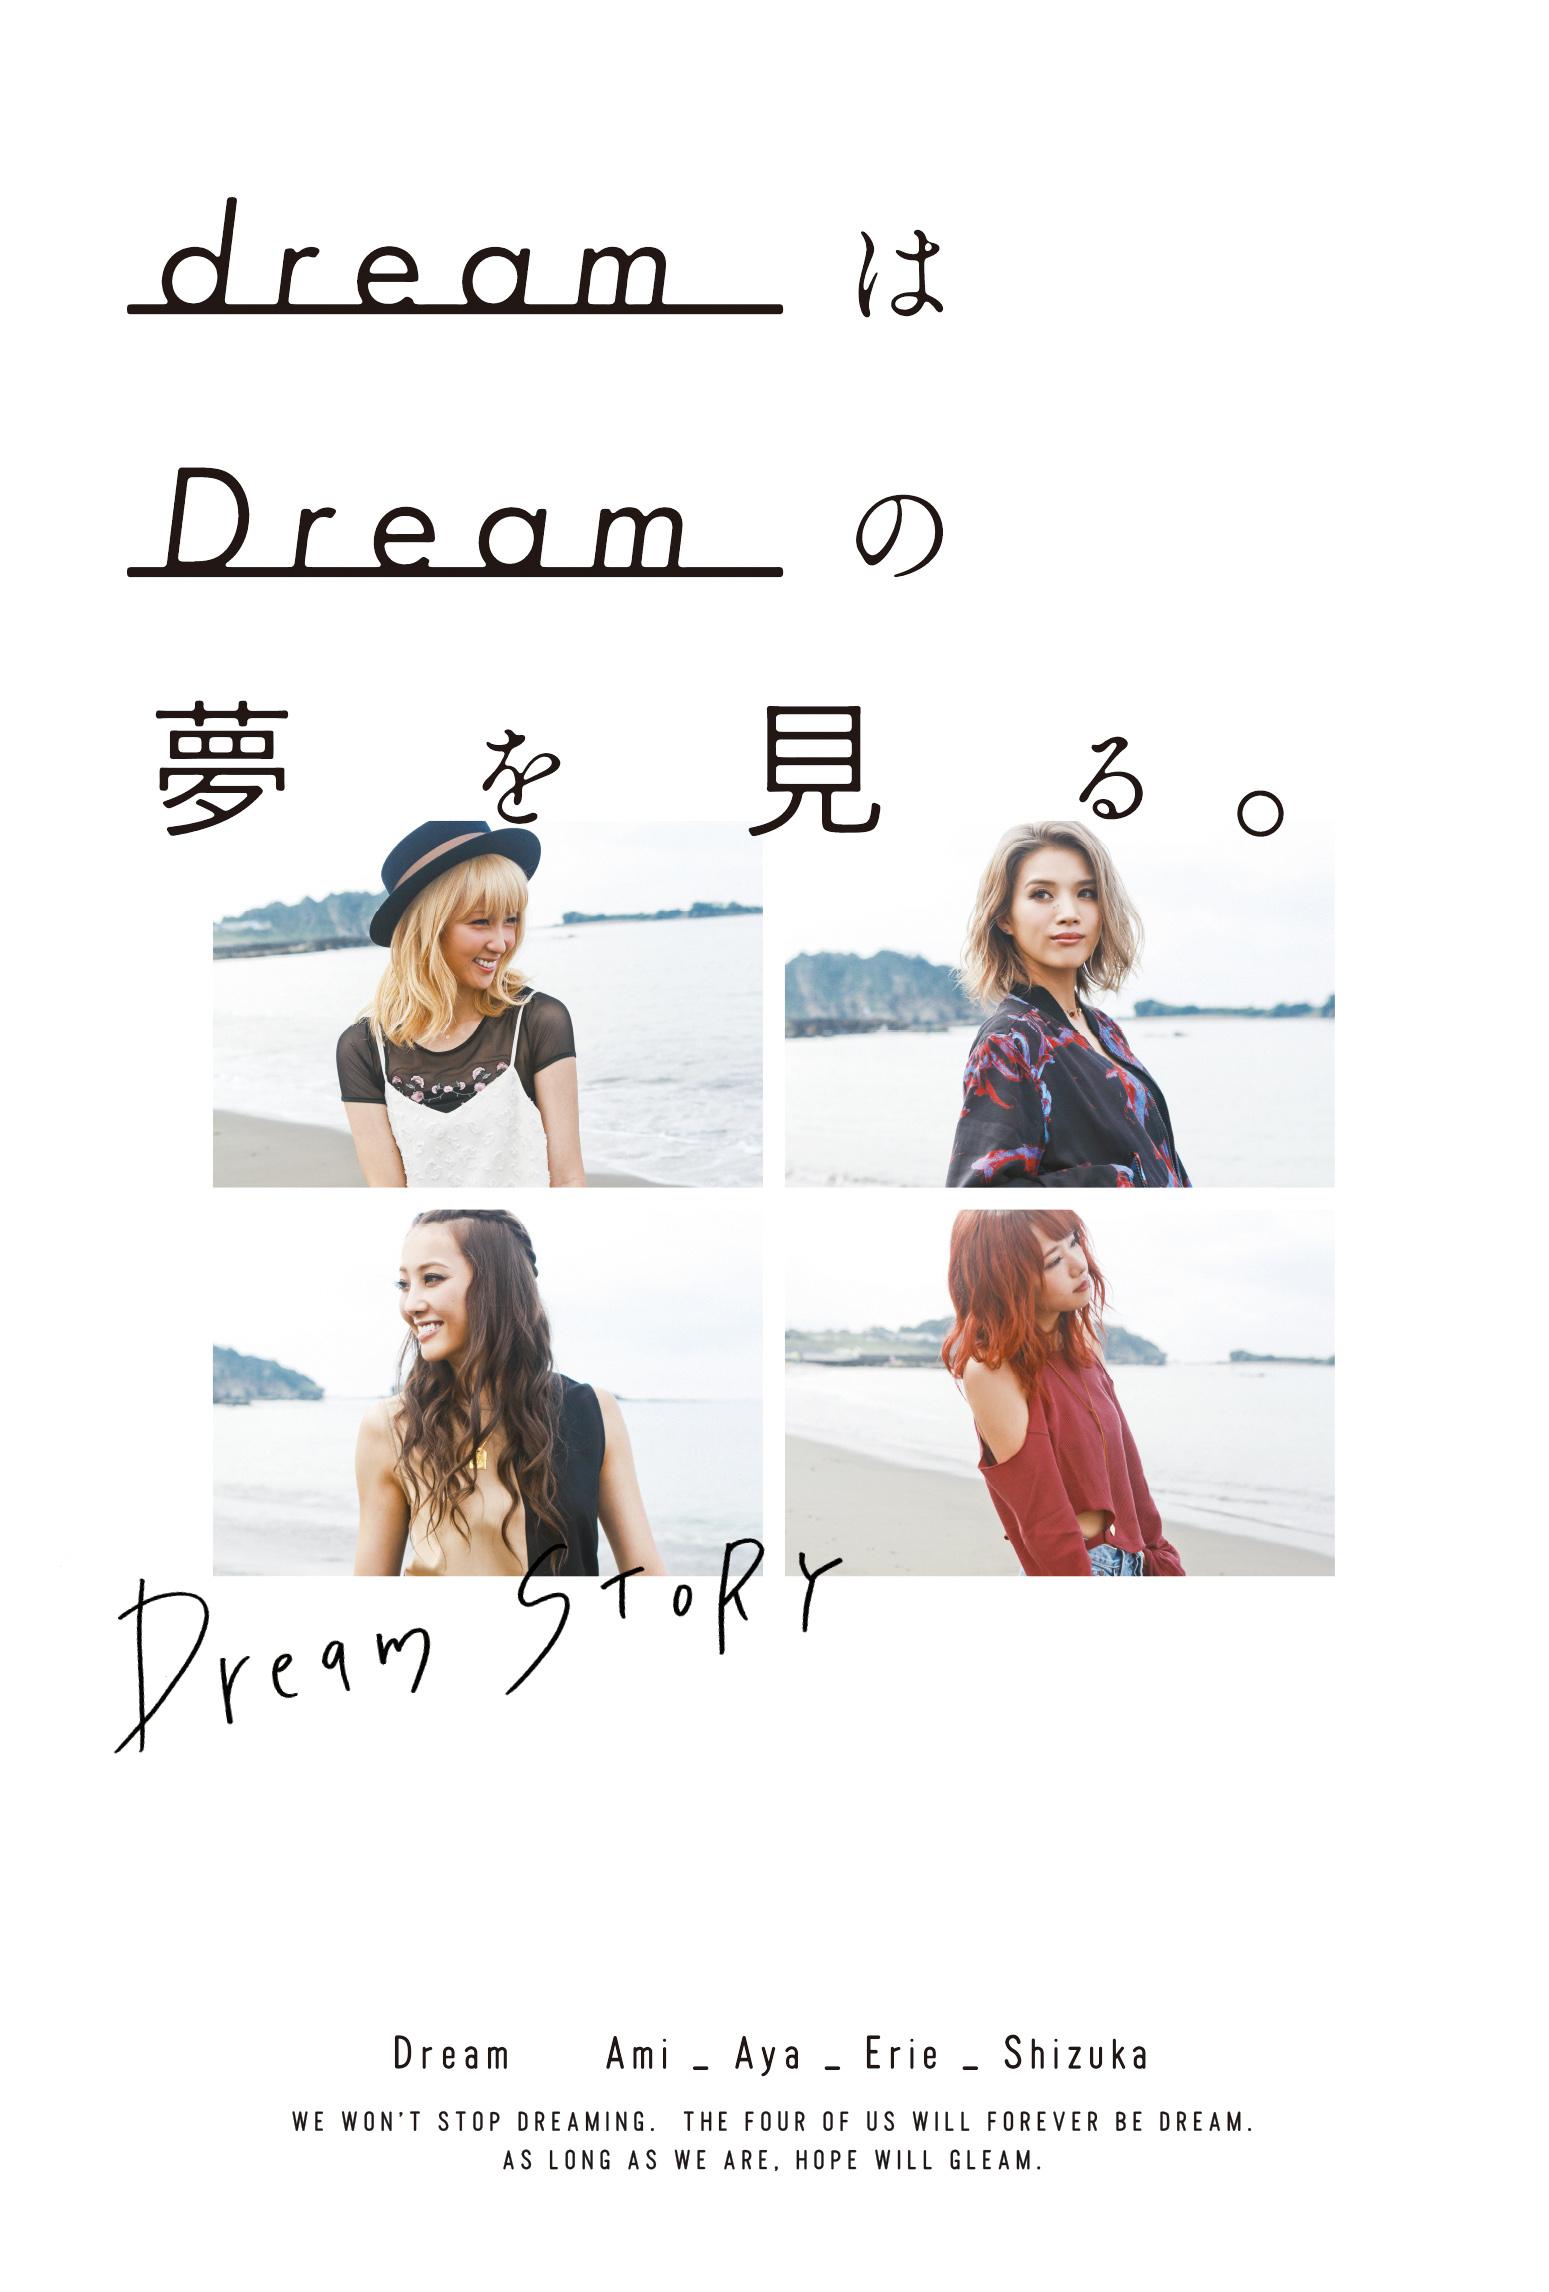 Último lançamento do Dream, o book fotográfico intitulado